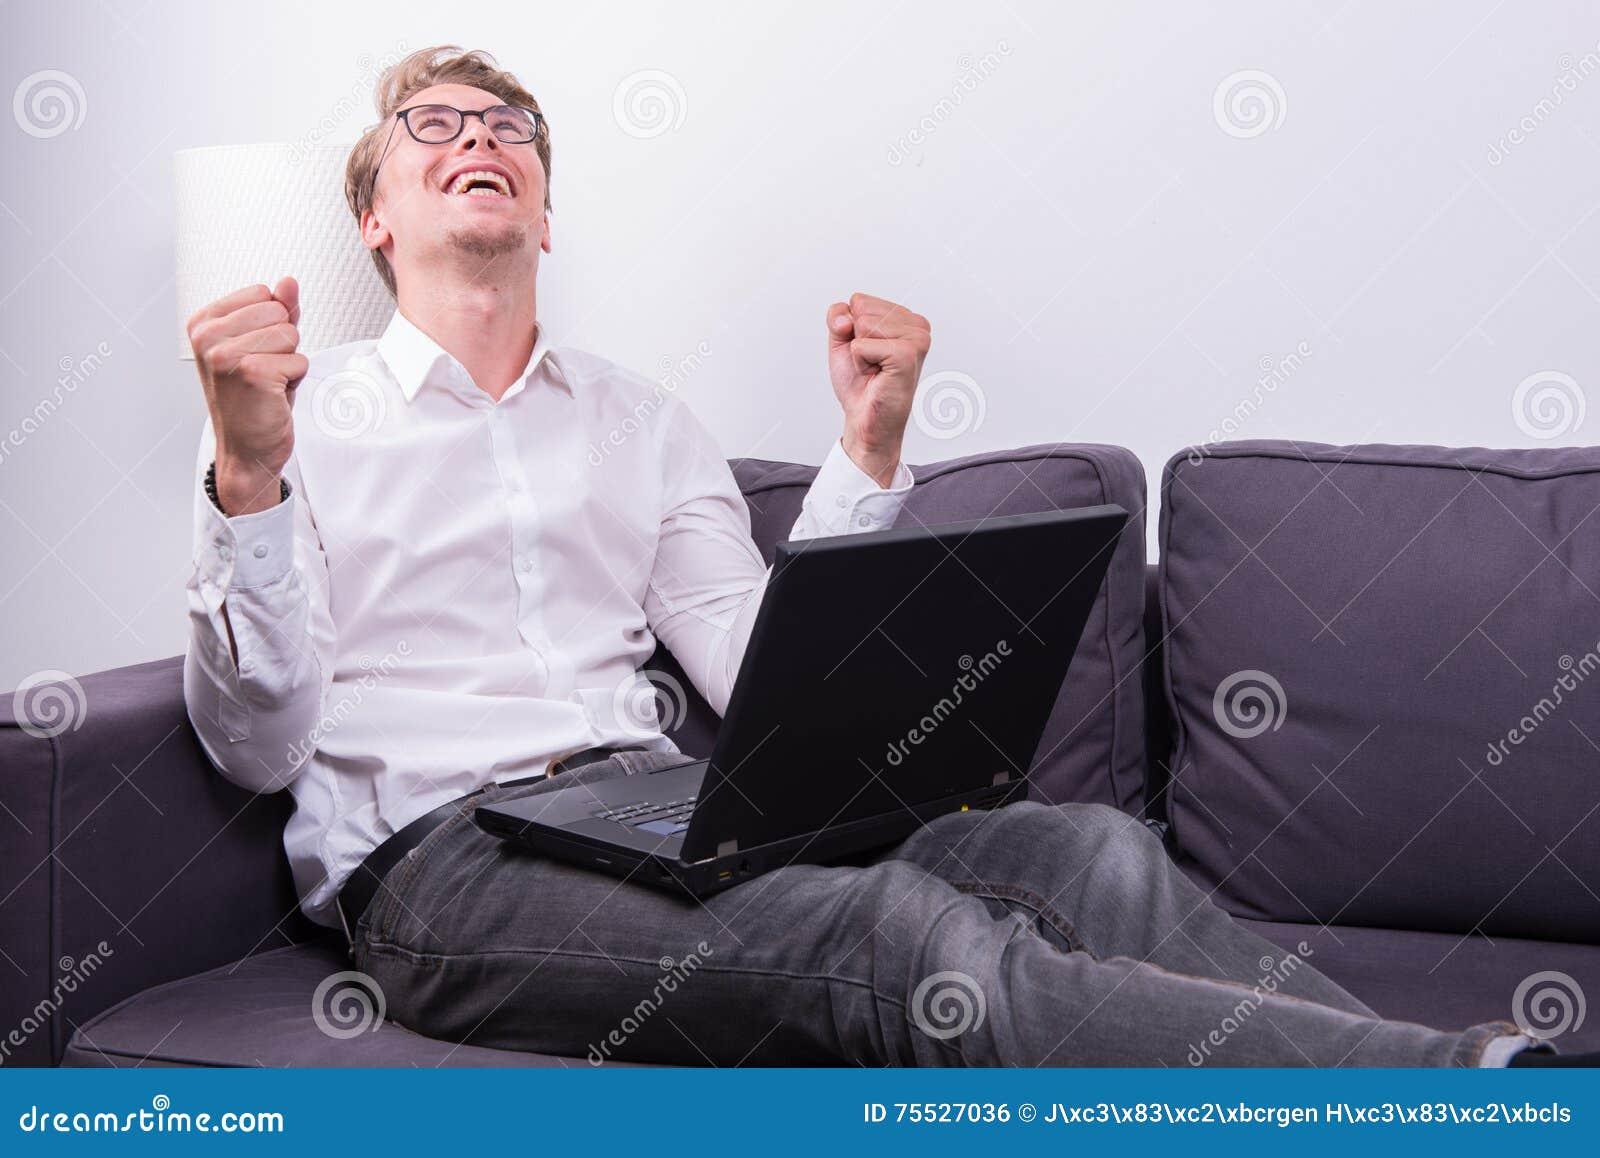 Νέο επιχειρησιακό άτομο ενθαρρυντικό η επιτυχία του εργαζόμενος στο lap-top